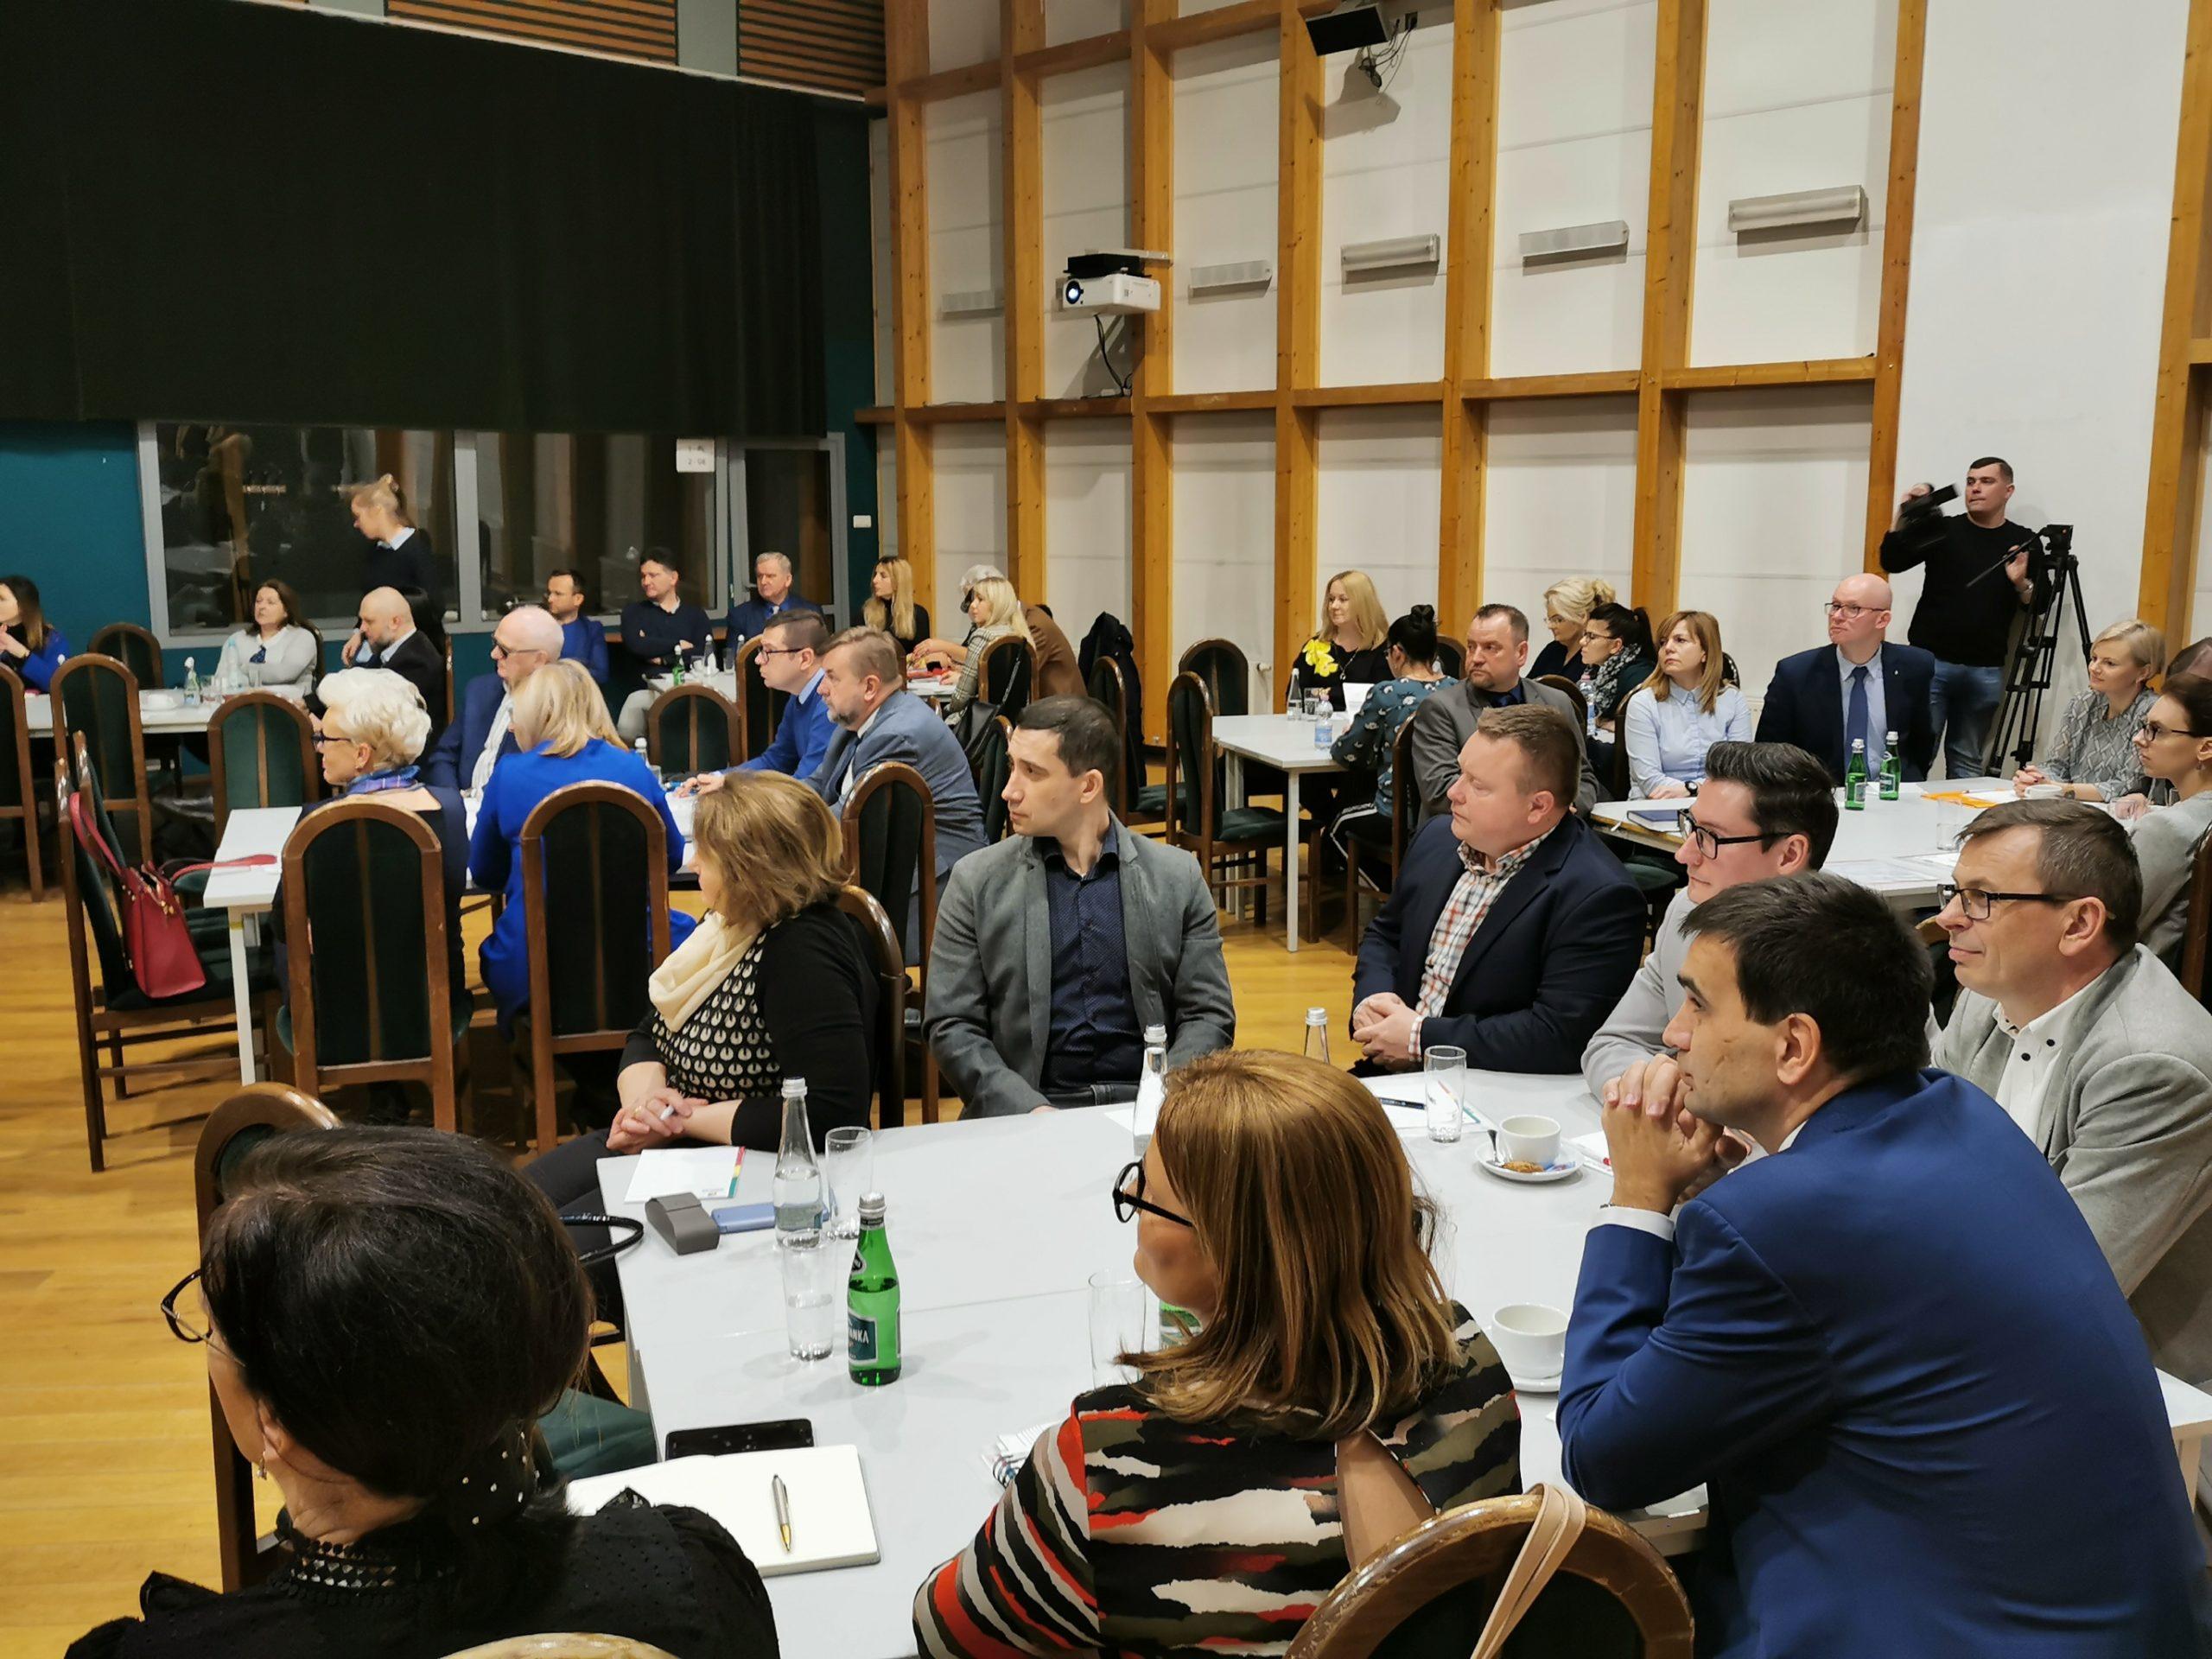 Przedstawiciele lubuskich gmin dyskutowali w Słubicach o Partnerstwie Publiczno-Prywatnym